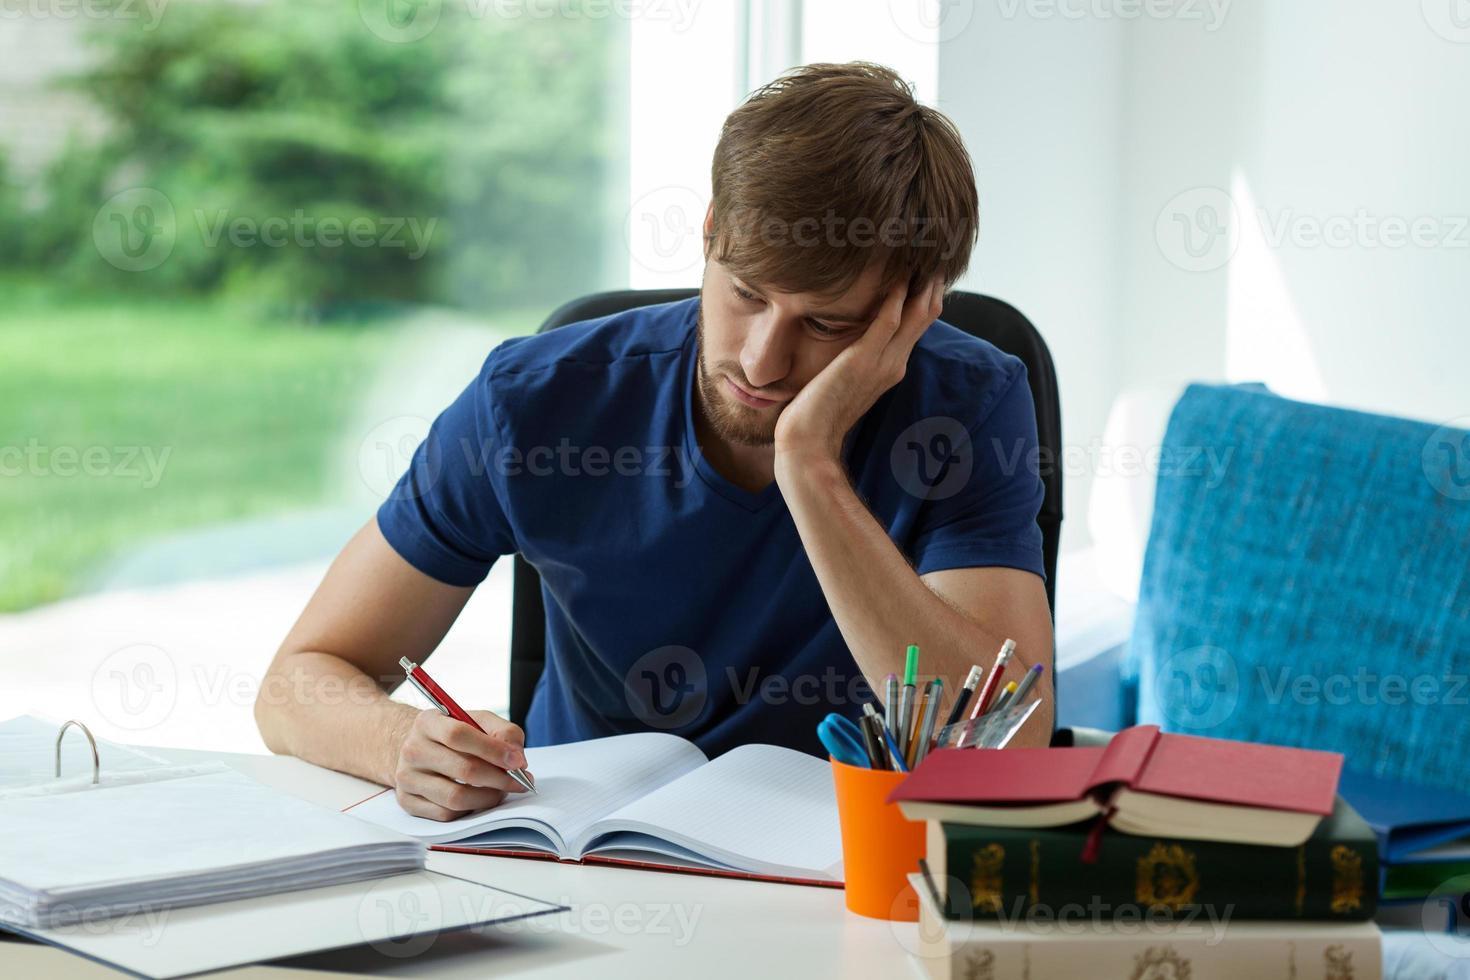 schläfriger Schüler muss lernen foto